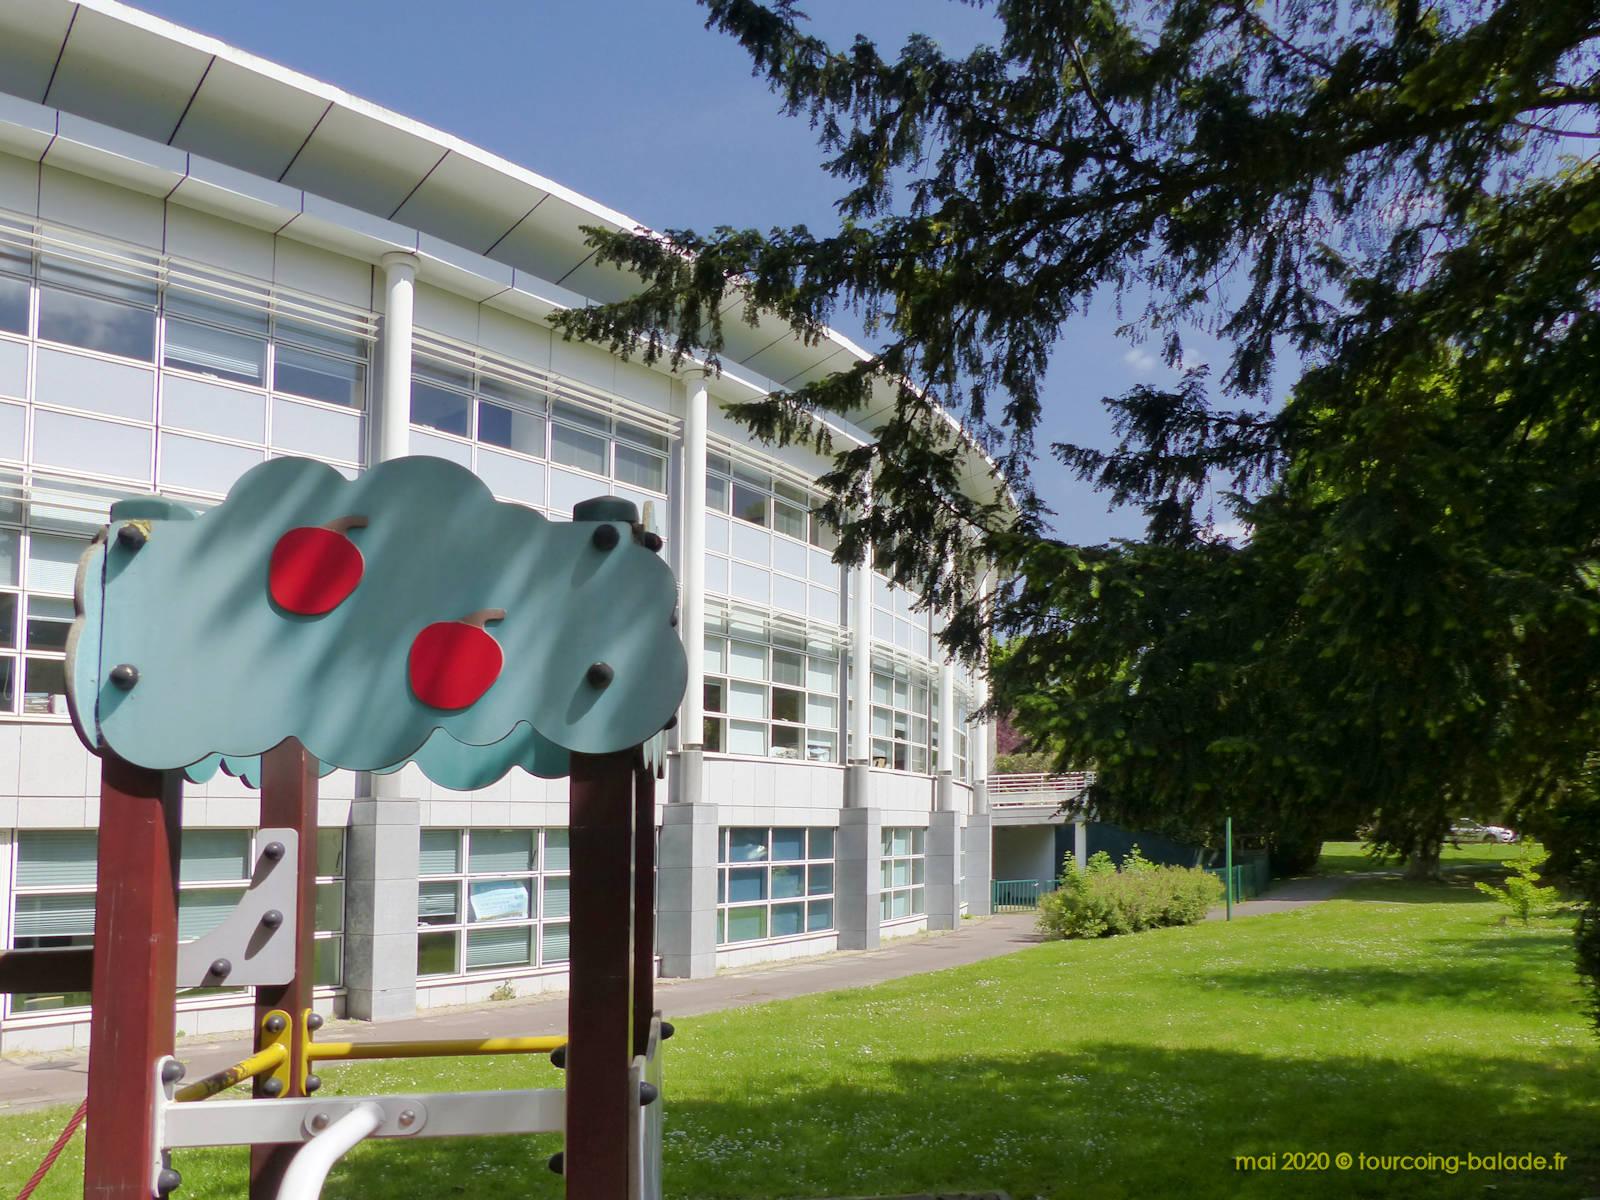 Parc de l'Hôtel de ville de Mouvaux, 2020